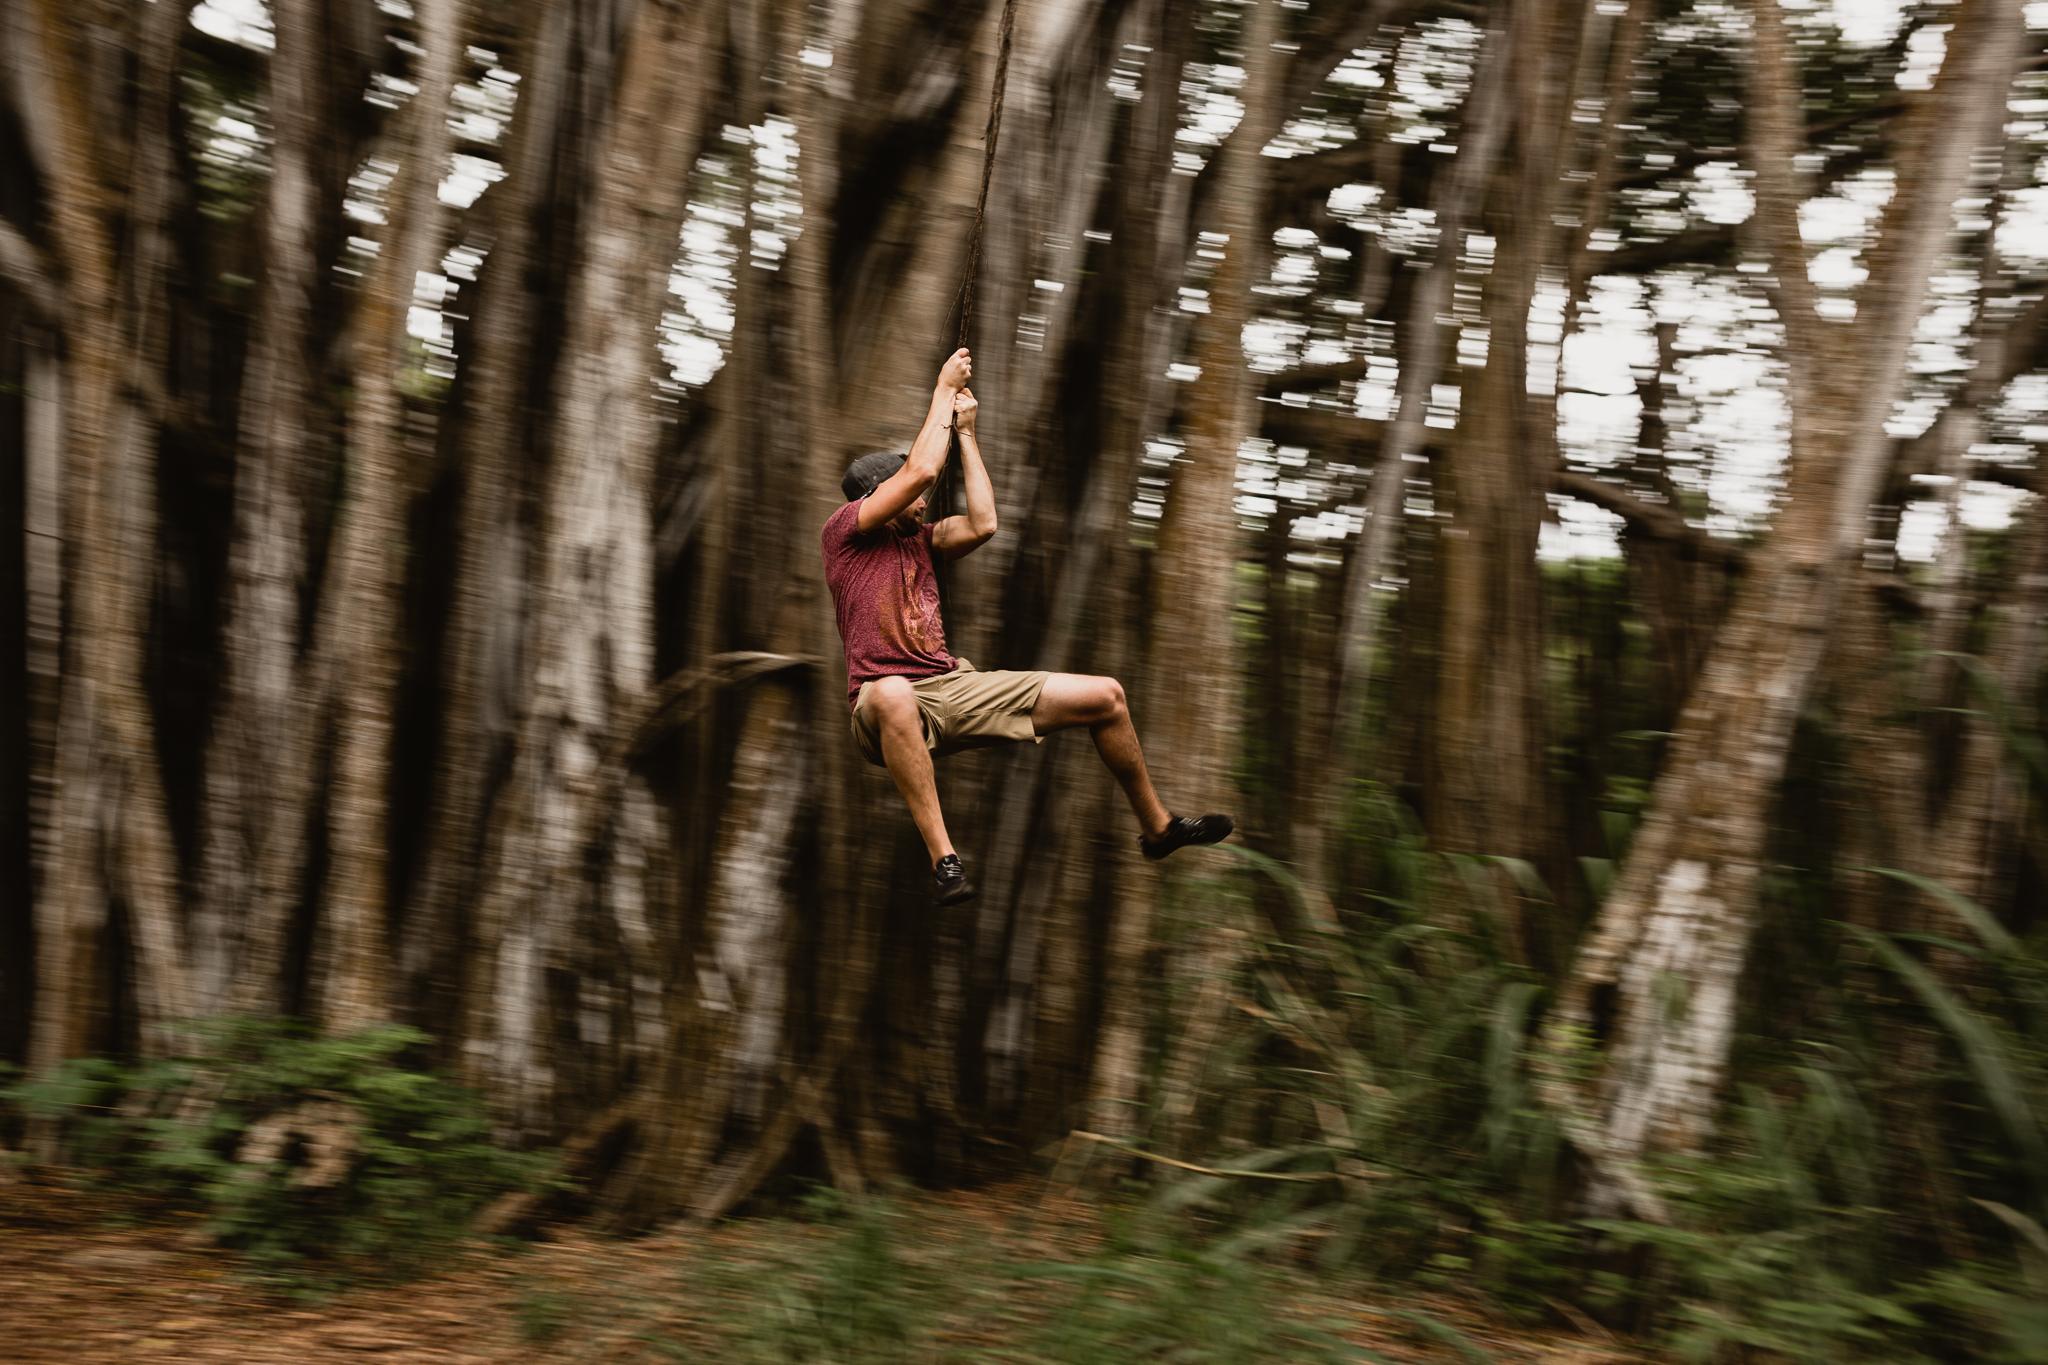 Alina-Joy-Photography-Cold-Lake-Lifestyle-Photographer-211.jpg